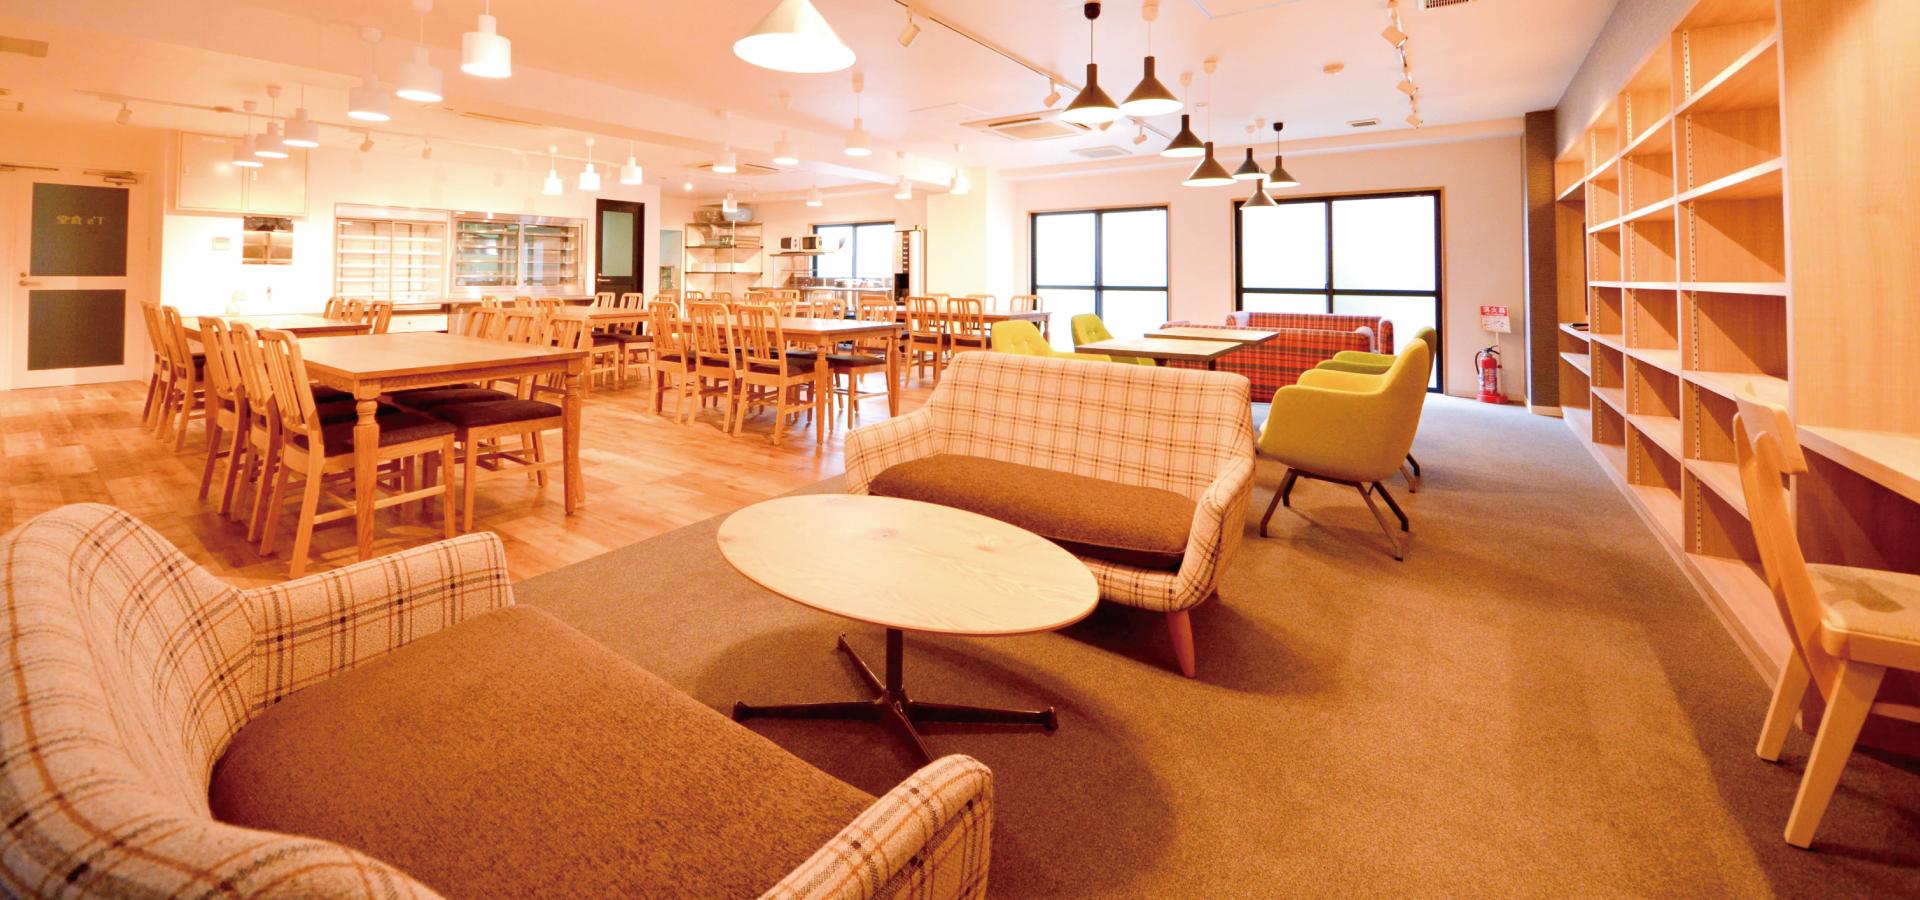 2015年3月に全面リノベーションを実施し、カフェ風の おしゃれな食堂で快適なひとときをお過ごしいただけます。 宅都プロパティ大阪学生向けマンション総合サイト|studentroom